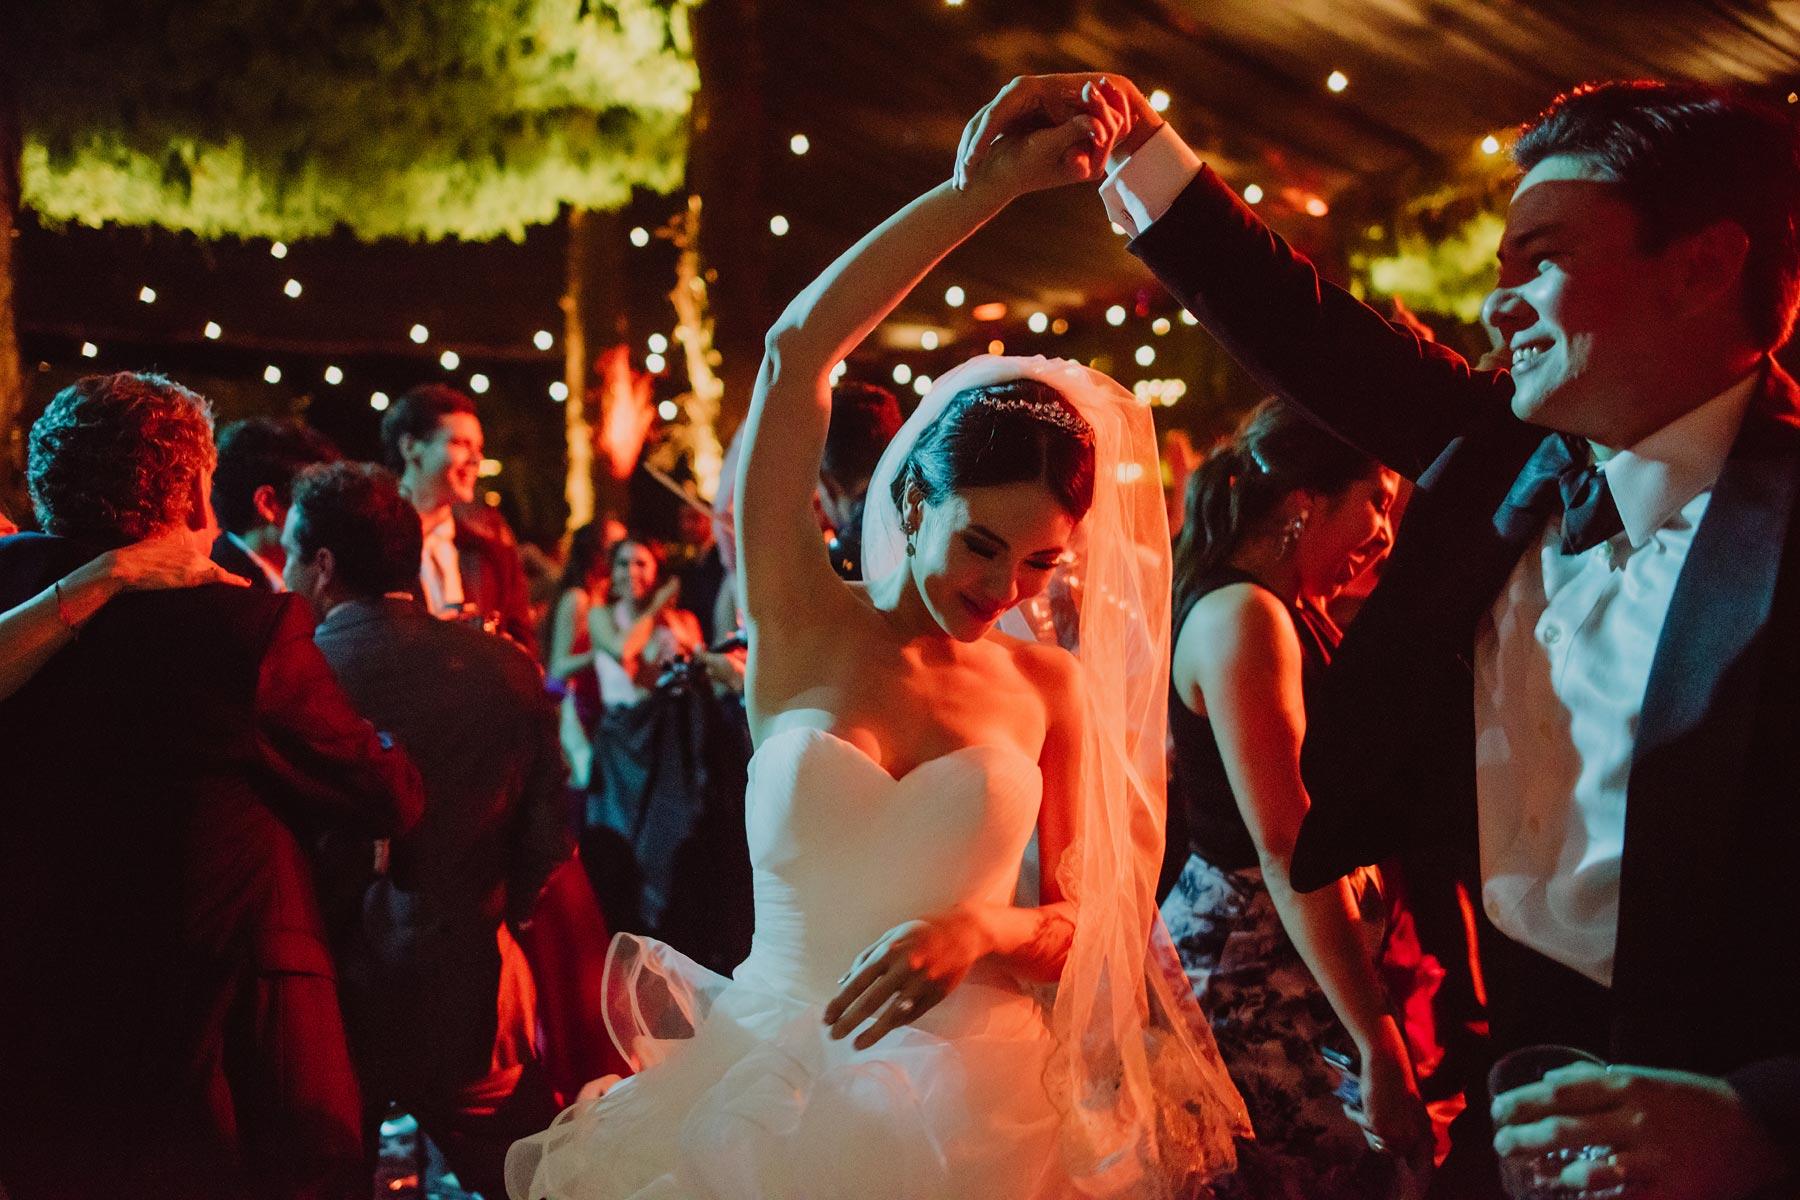 fotografo-bodas-mazatlan-52